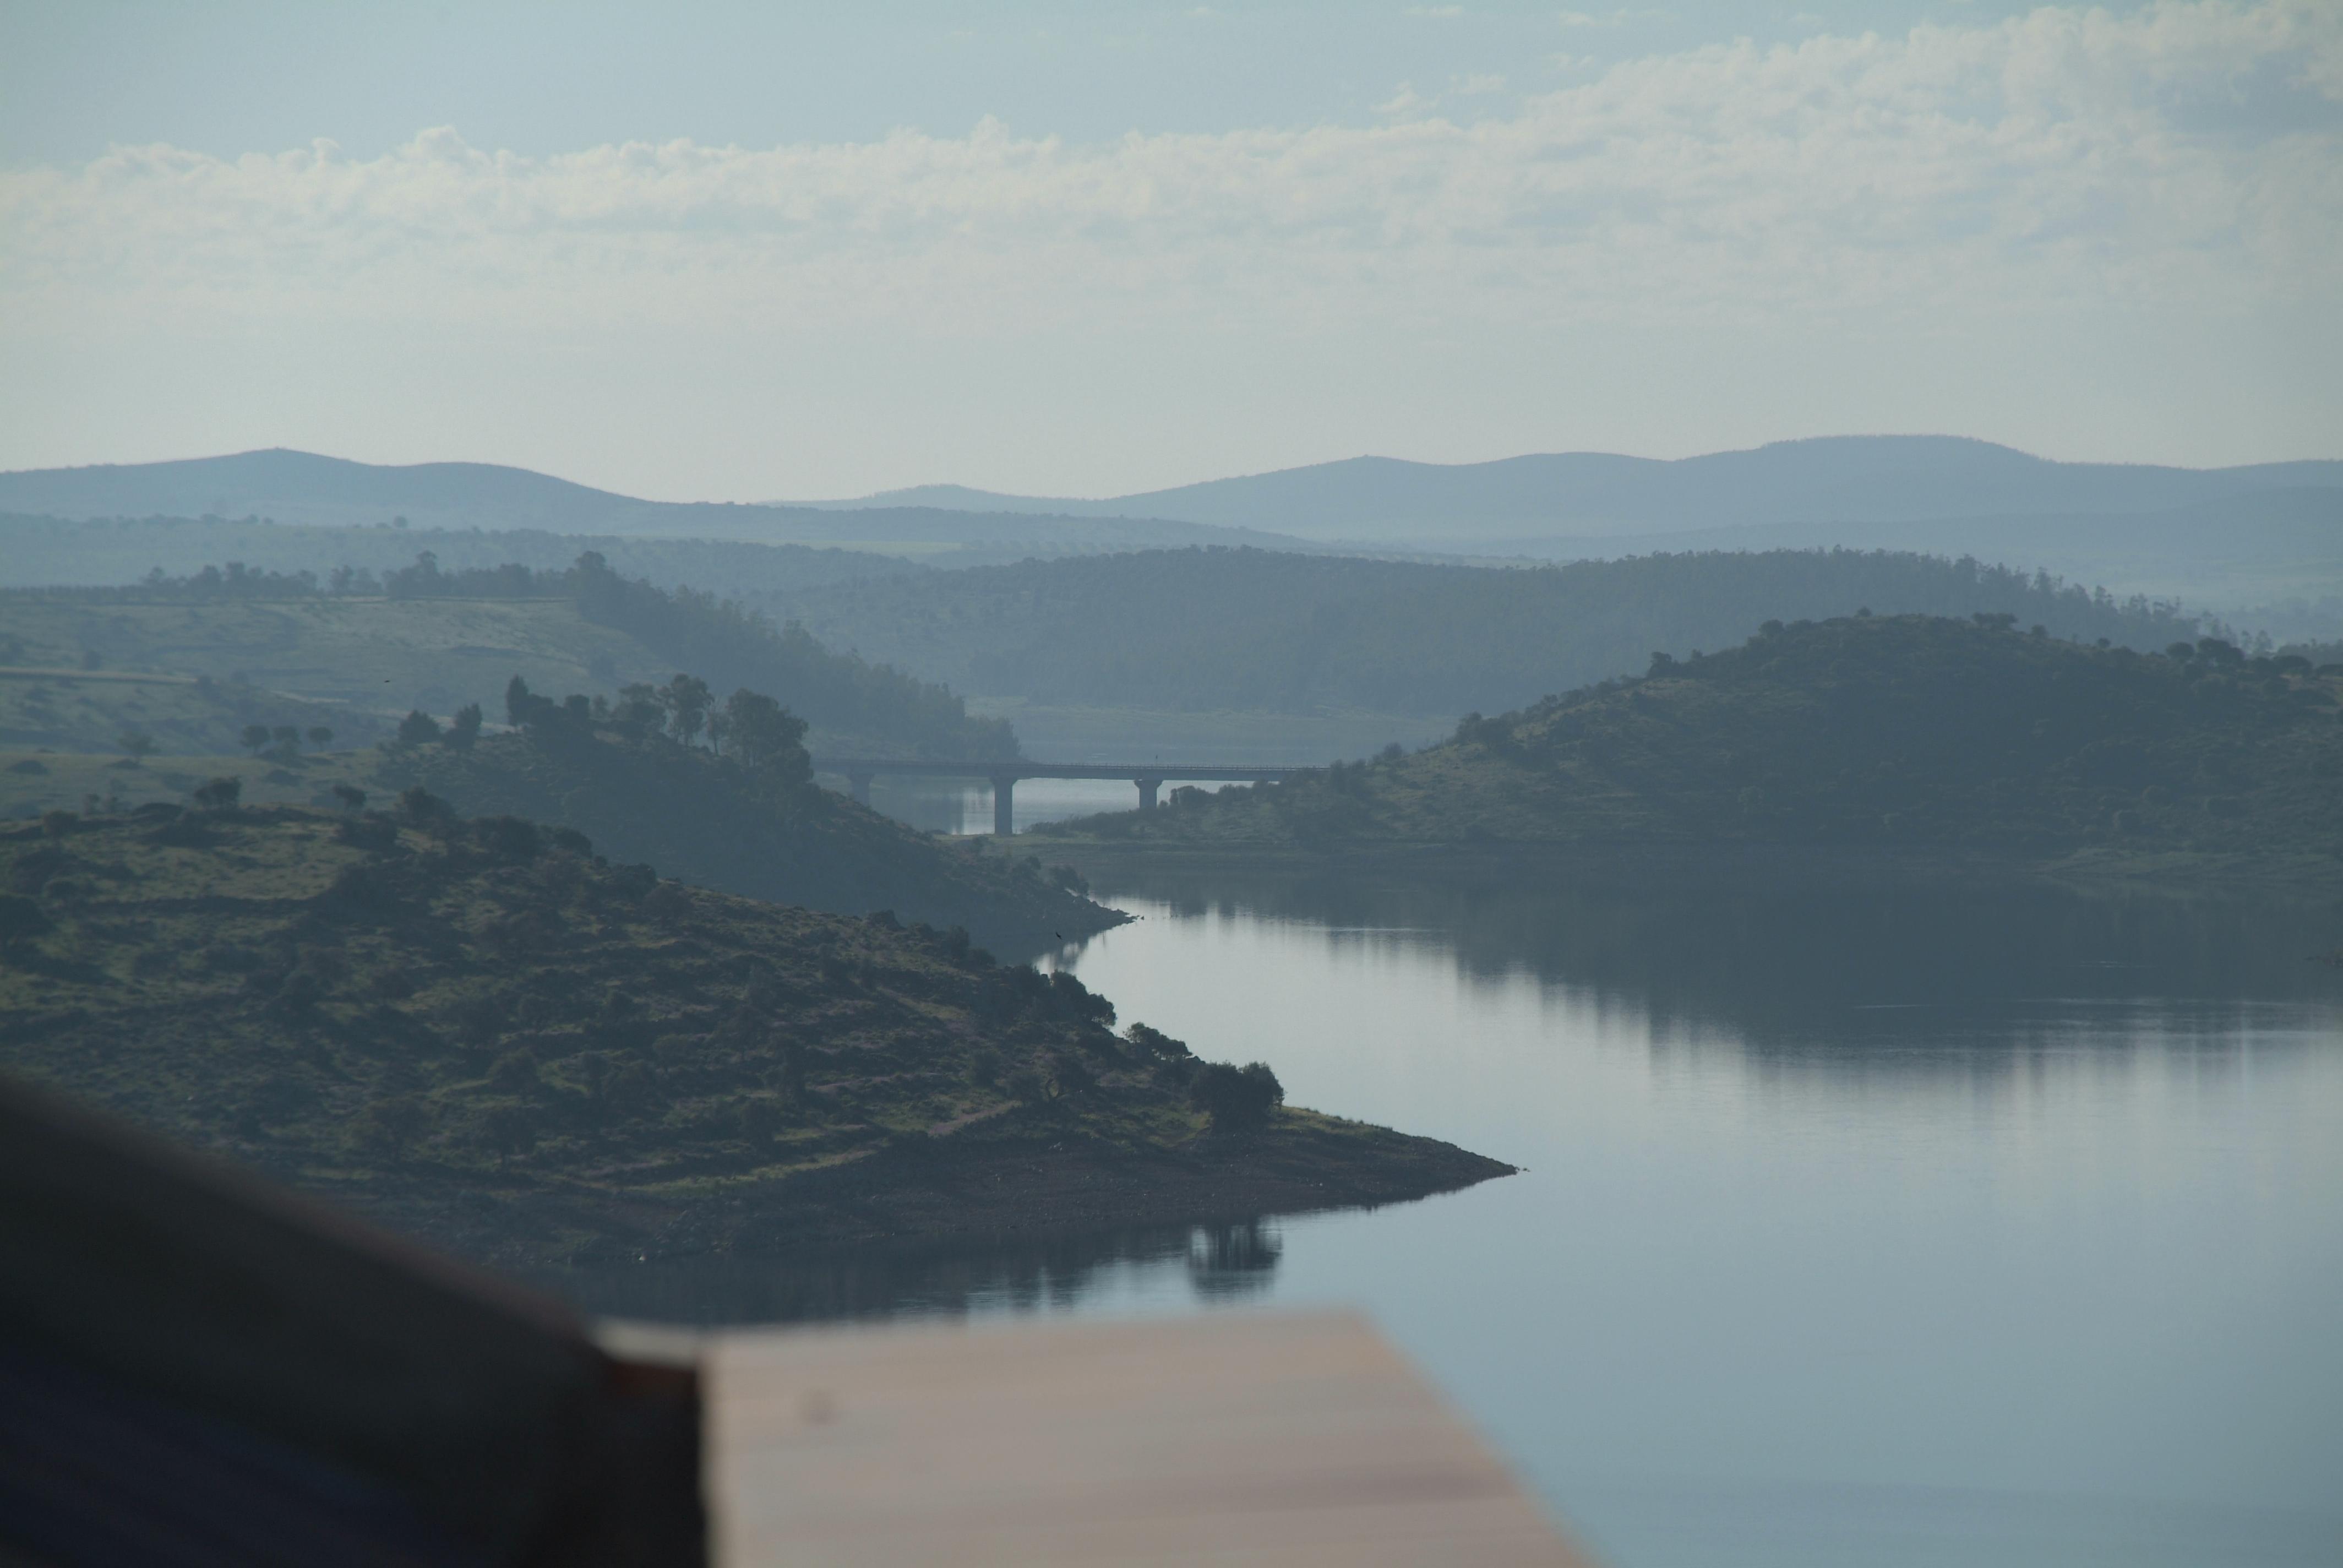 Vista desde la terraza mirador